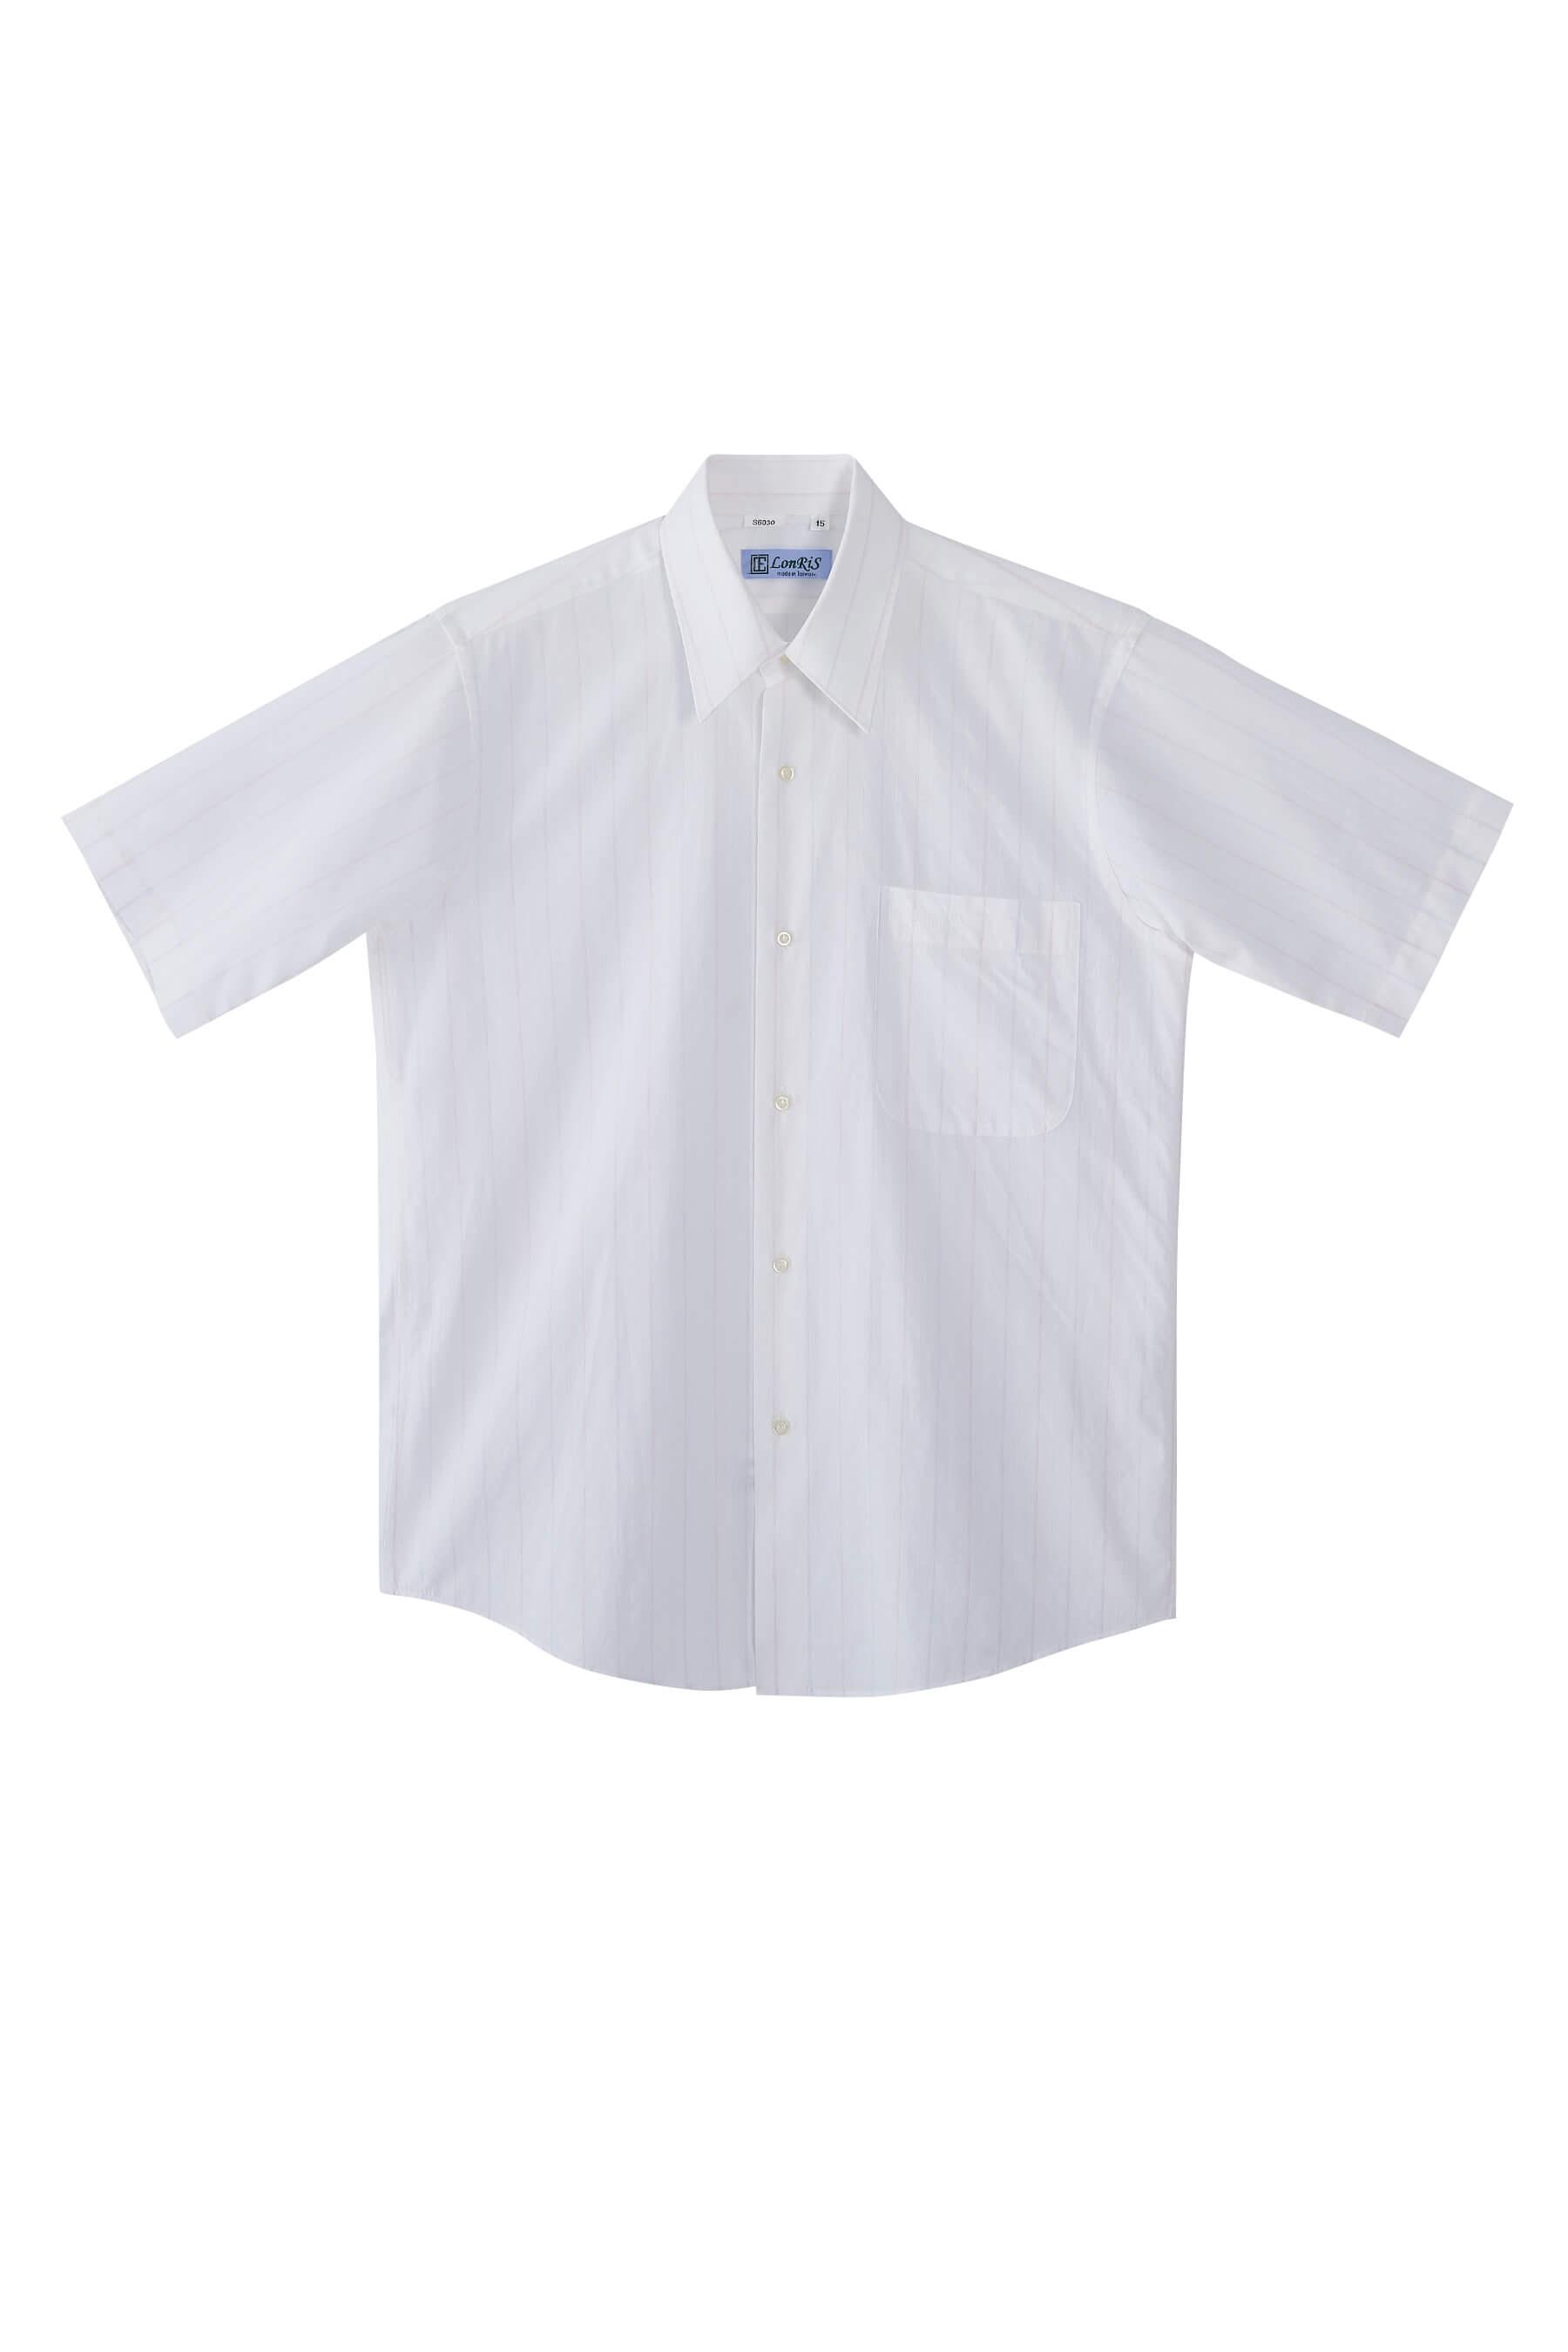 白底粉藍條紋棉質短袖襯衫/舒適透氣